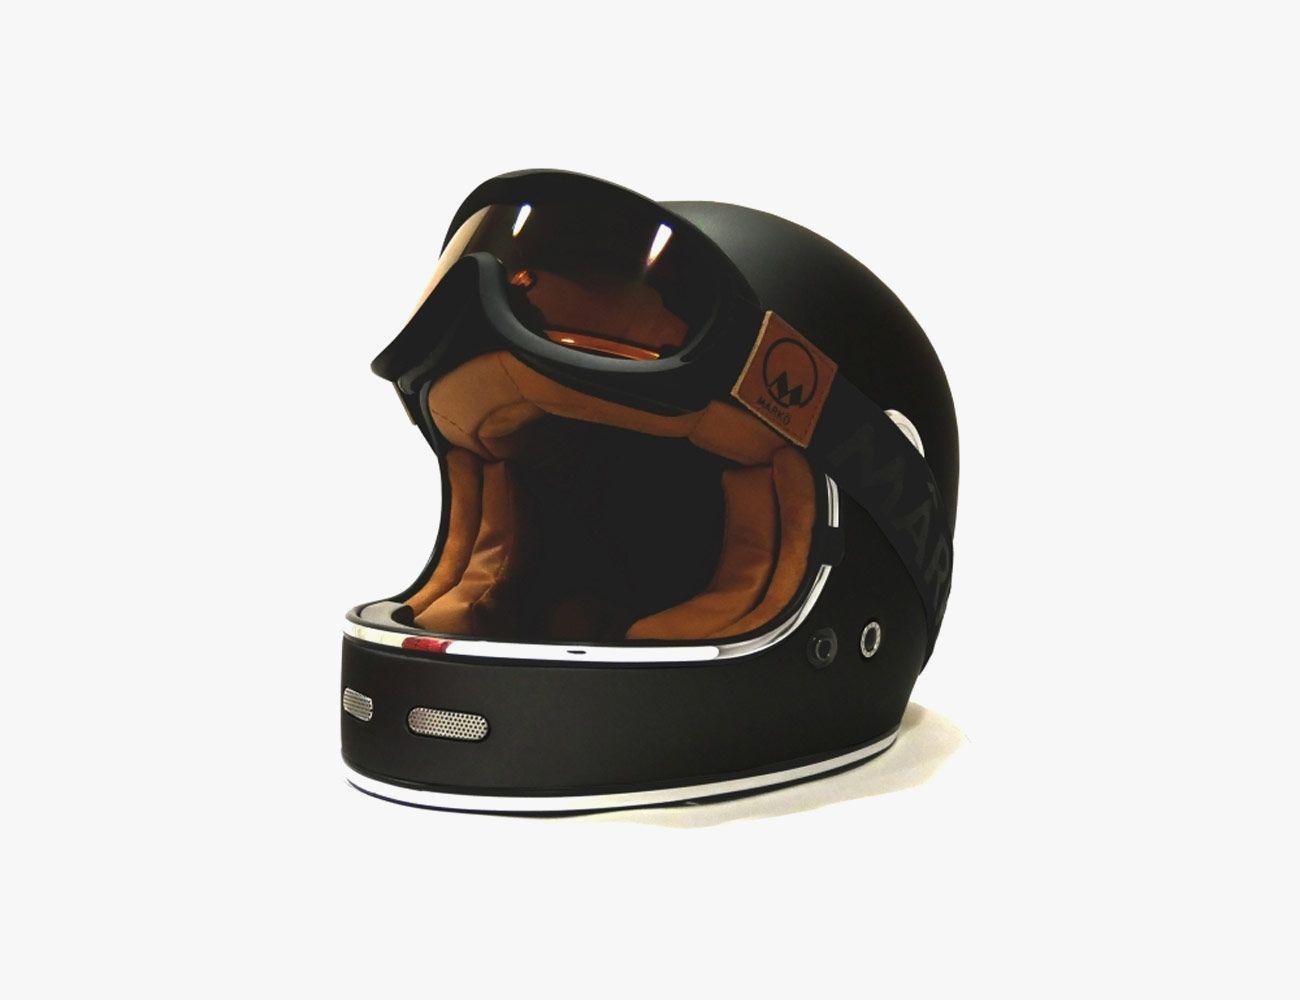 5 Stunning Vintage Style Motorcycle Helmets From Boutique Brands Gear Patrol Helmet Motorcycle Helmets Helmet Brands